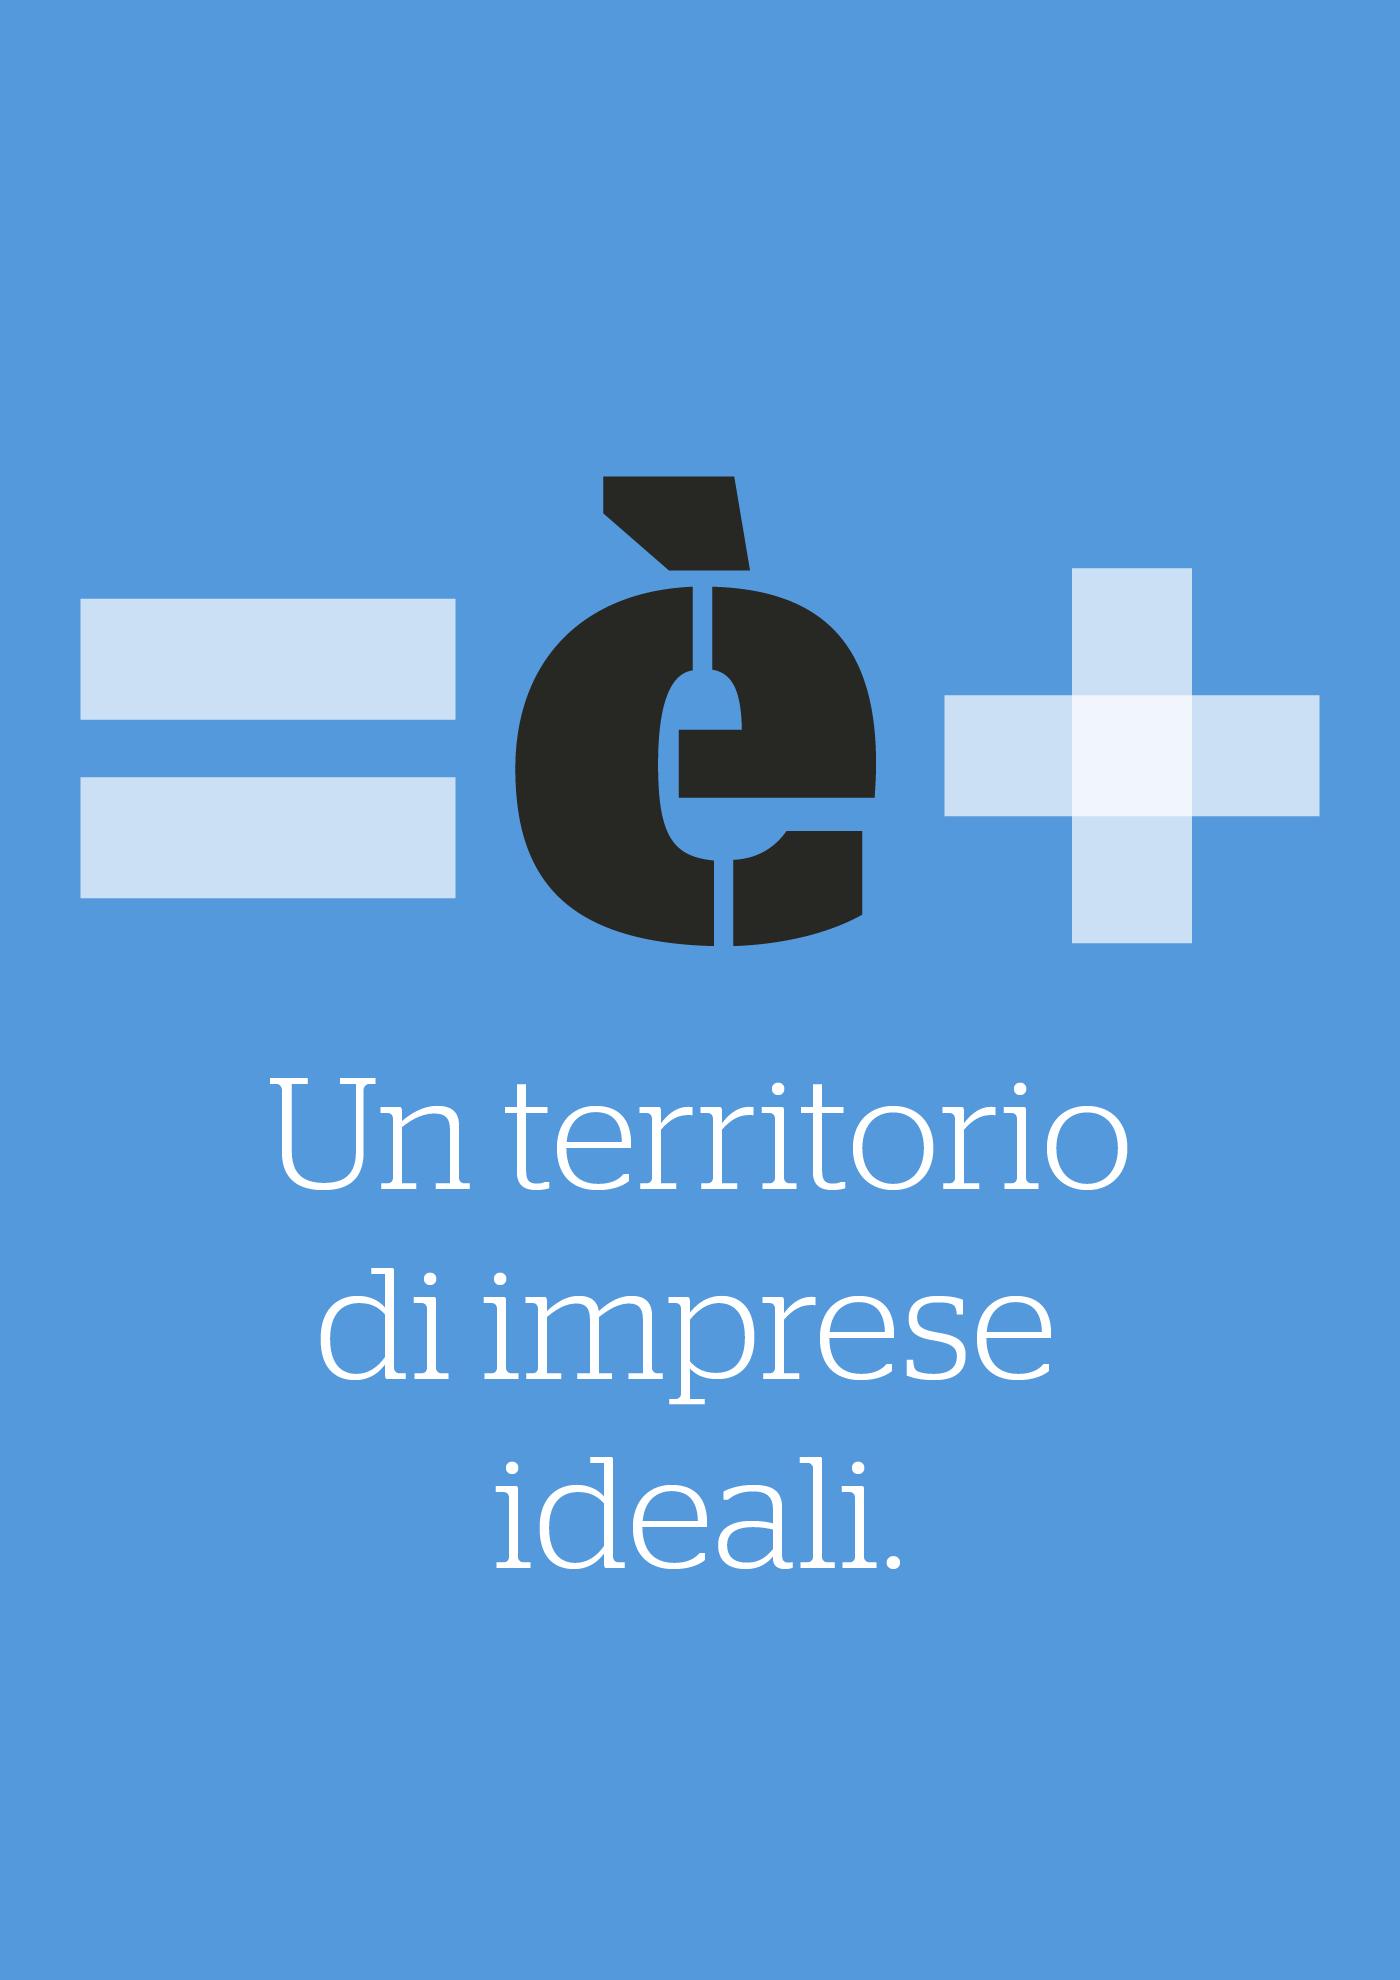 un territorio di imprese ideali